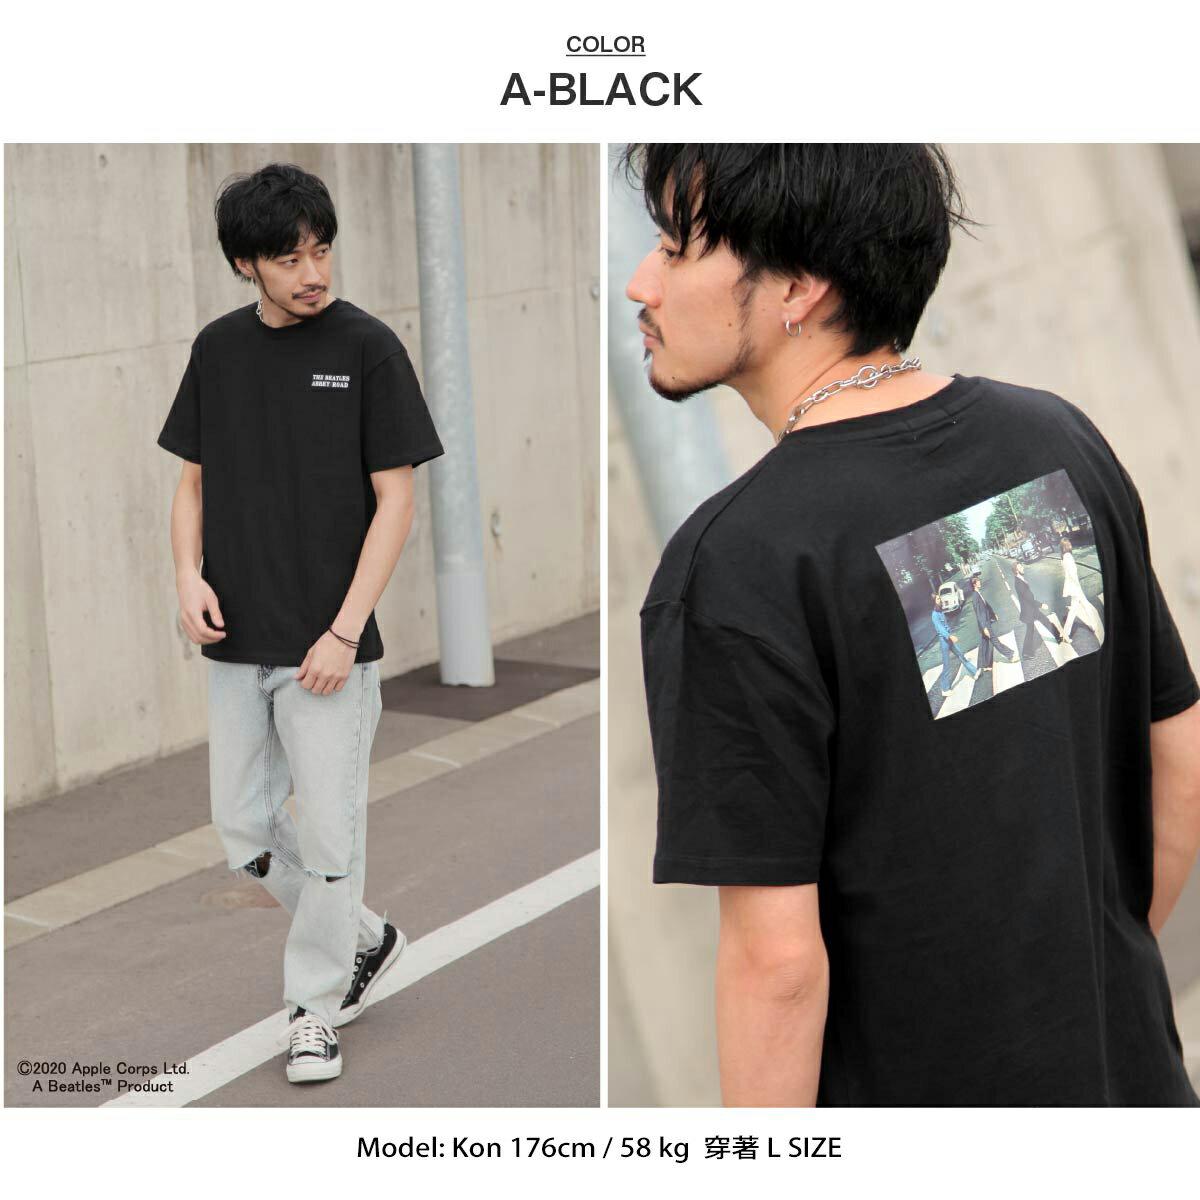 【New】披頭四印刷短袖T恤  Abbey Road 艾比路 披頭四 4